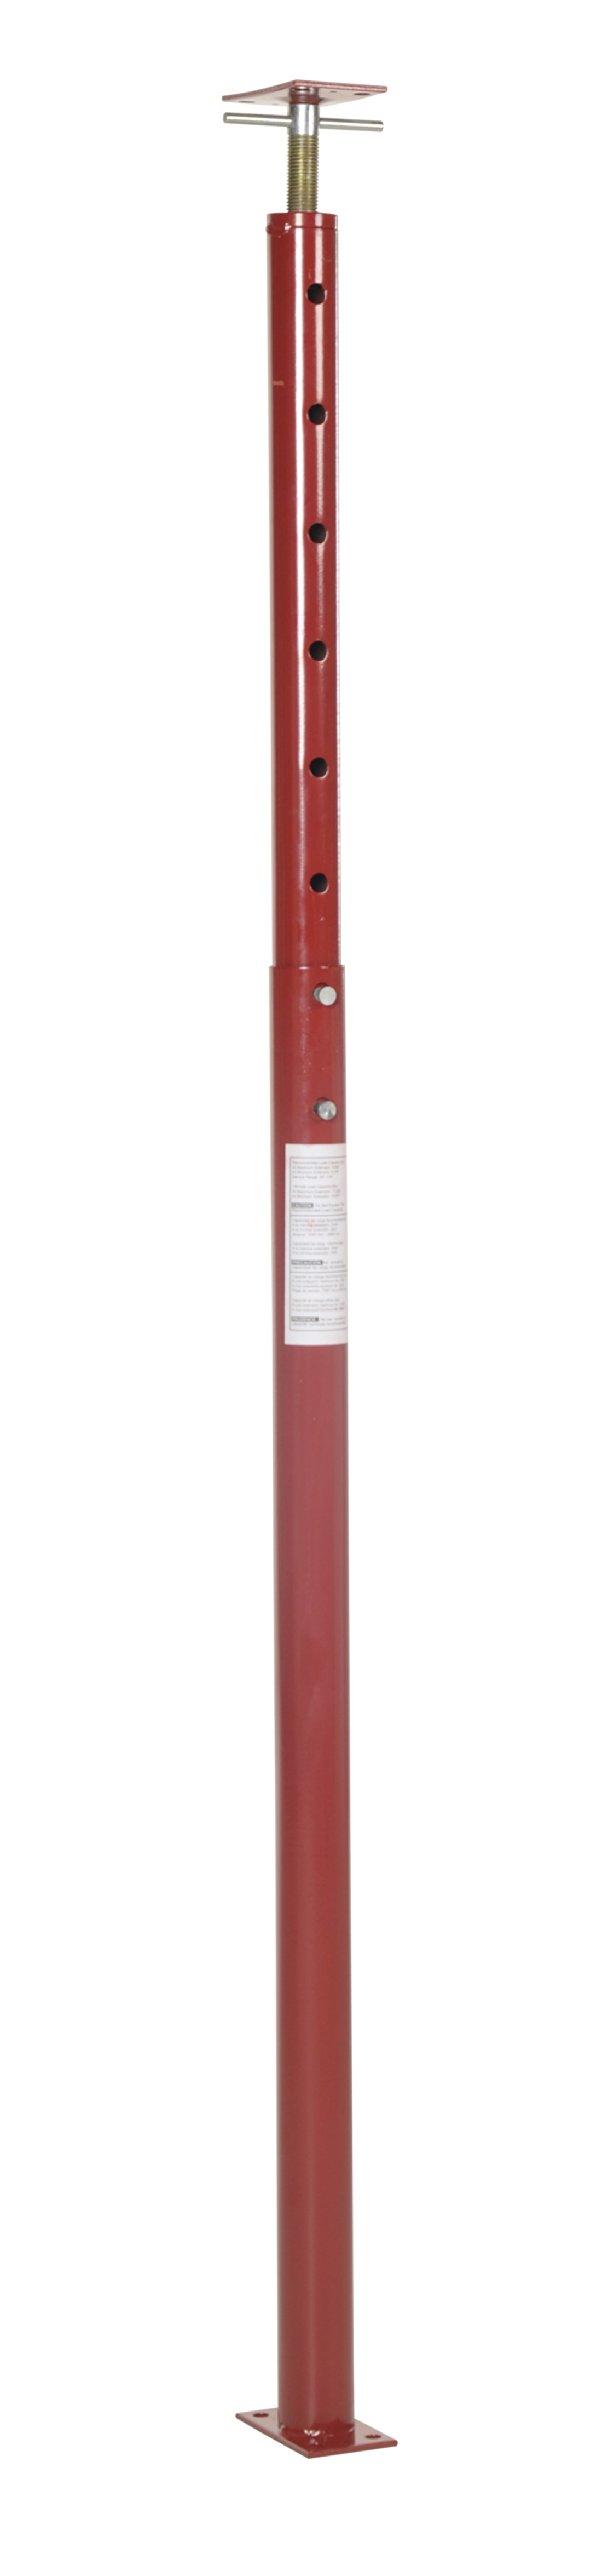 Vestil FJB-100 Basement Floor Jack, 54'' - 100'' Height Range, Maximum Height Capacity (lbs.) 5600, Minimum Height Capacity (lbs.) 8438 by Vestil